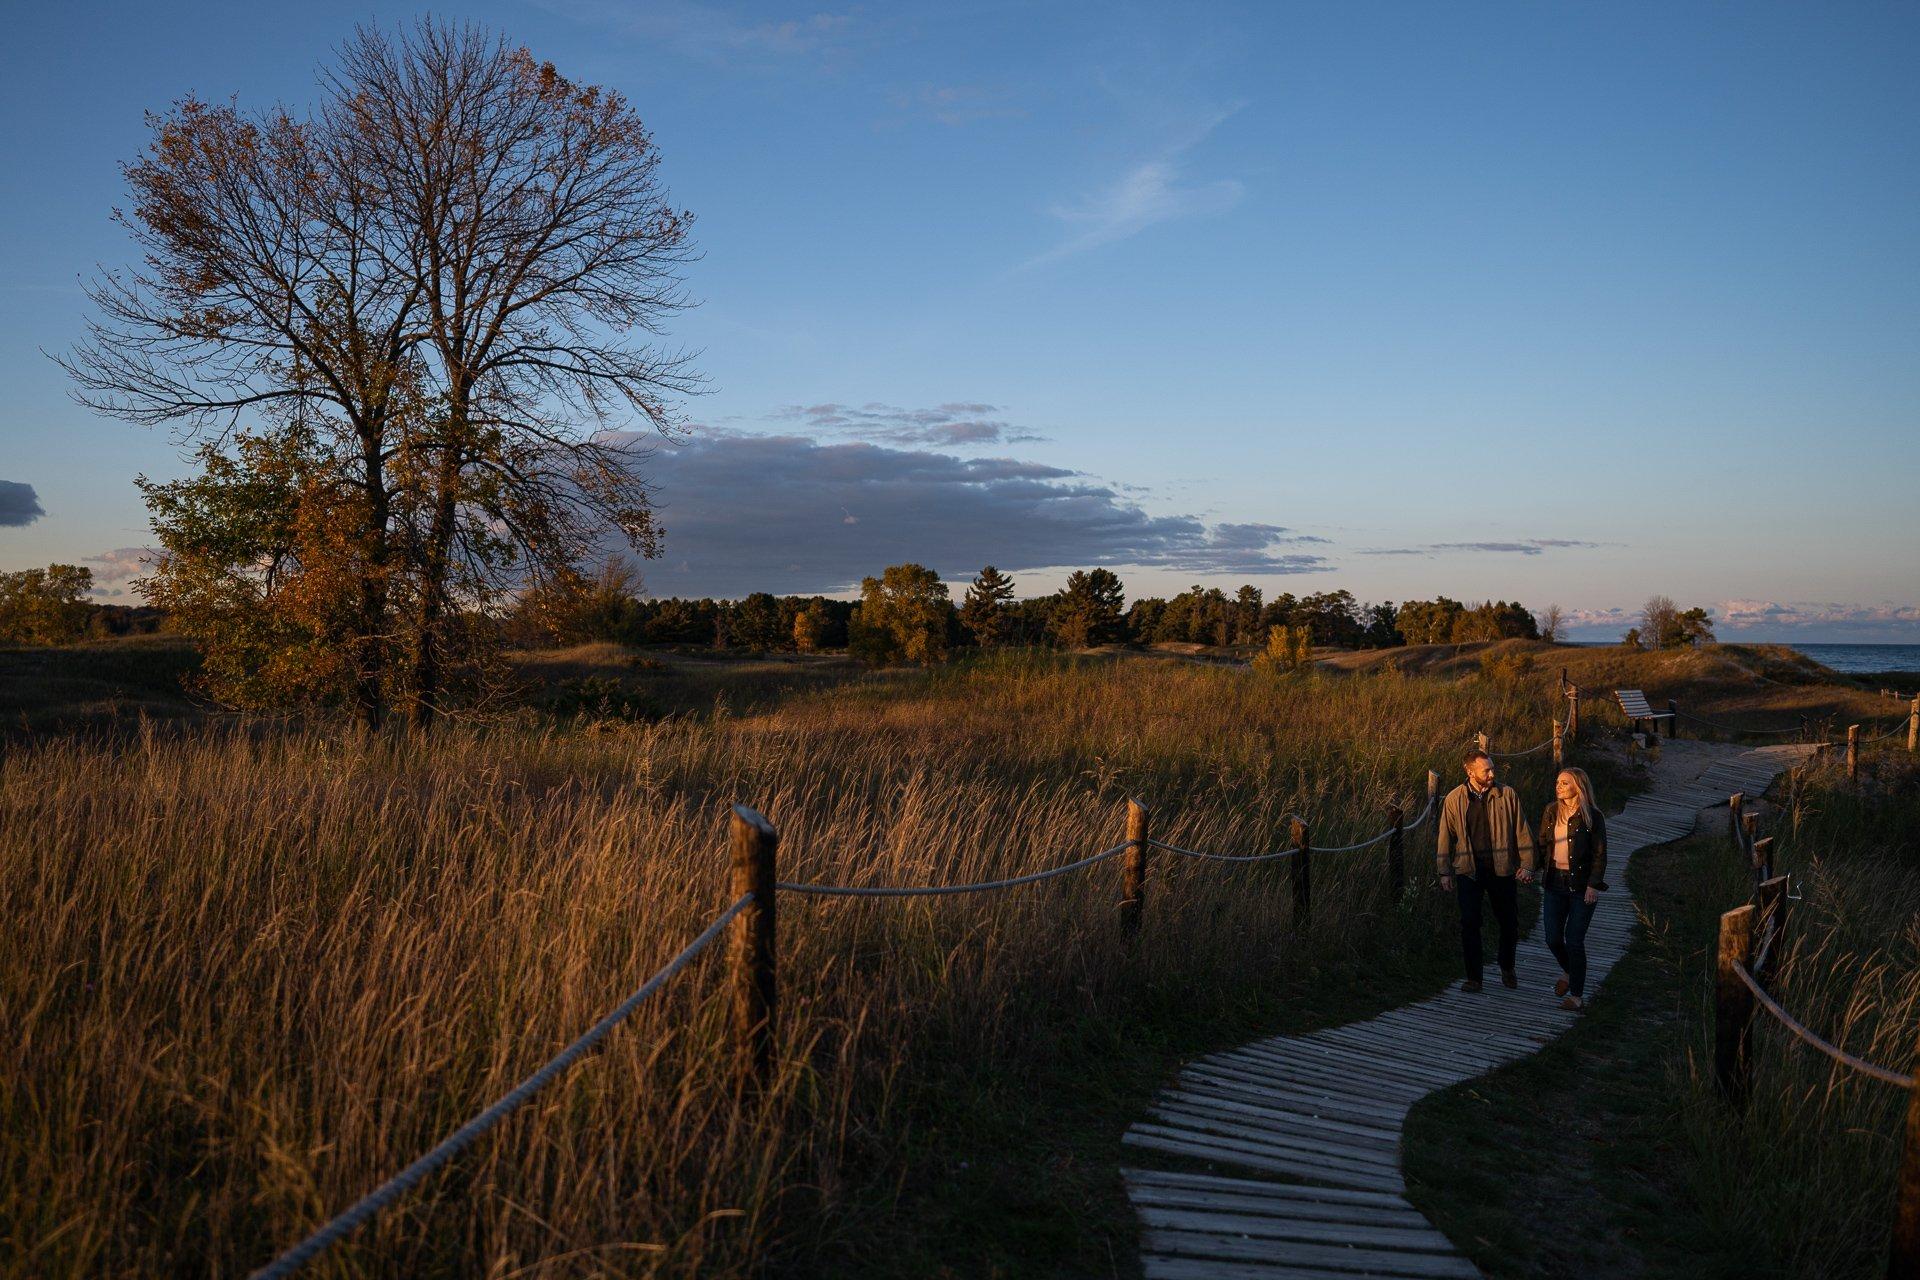 Kohler-Andrae State Park engagement session